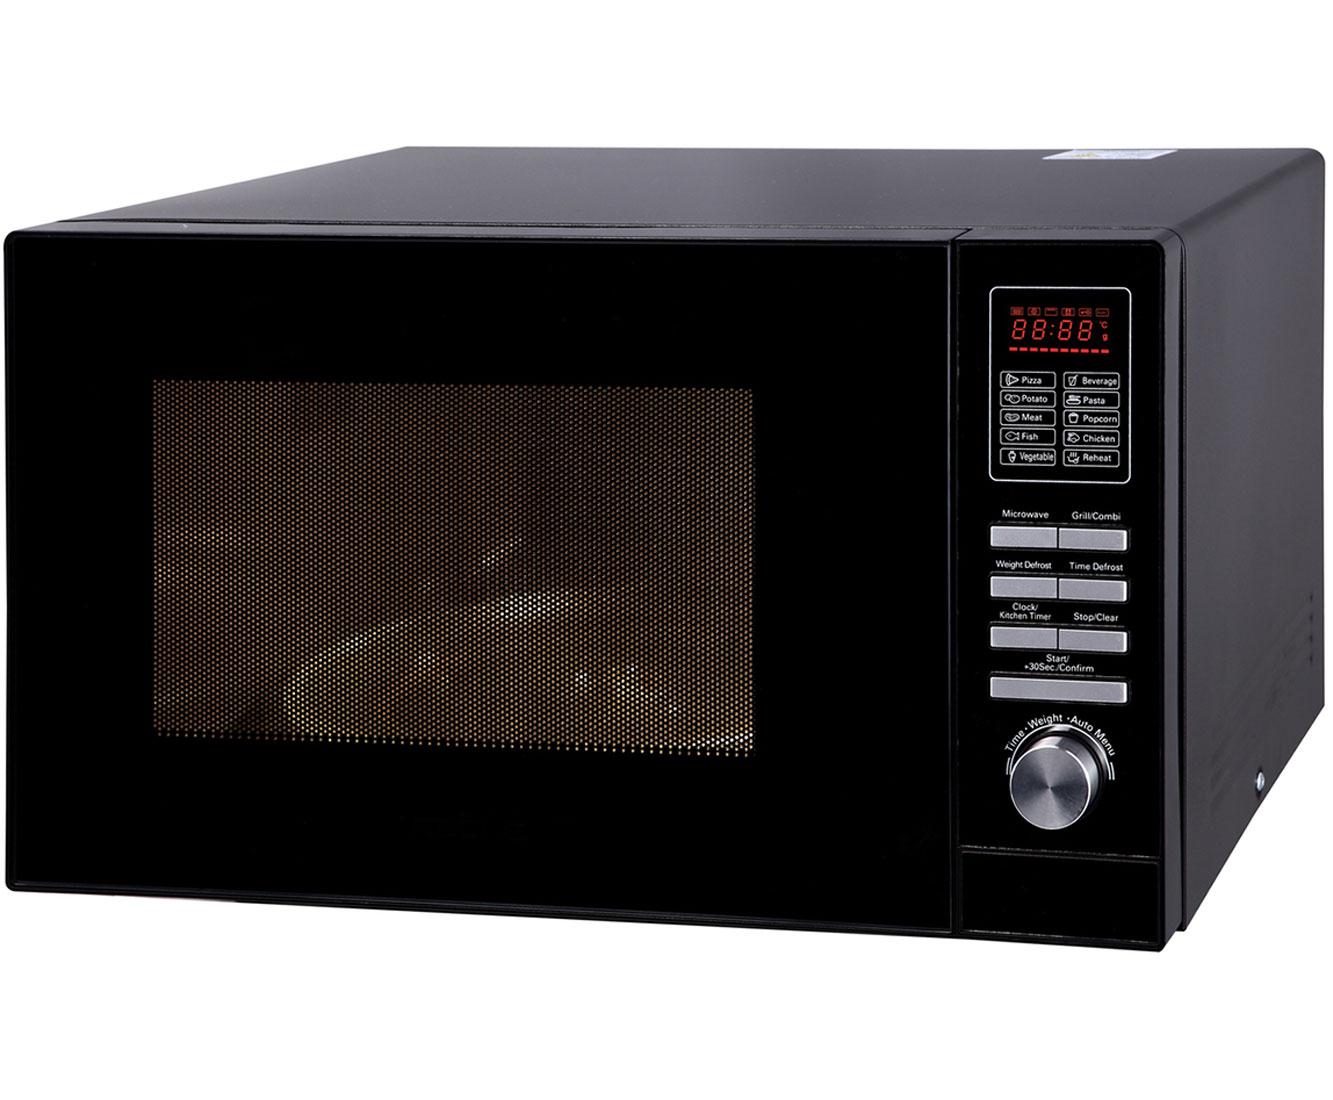 Comfee CMH 25 XB Mikrowellen - Schwarz | Küche und Esszimmer > Küchenelektrogeräte > Mikrowellen | Schwarz | Comfee